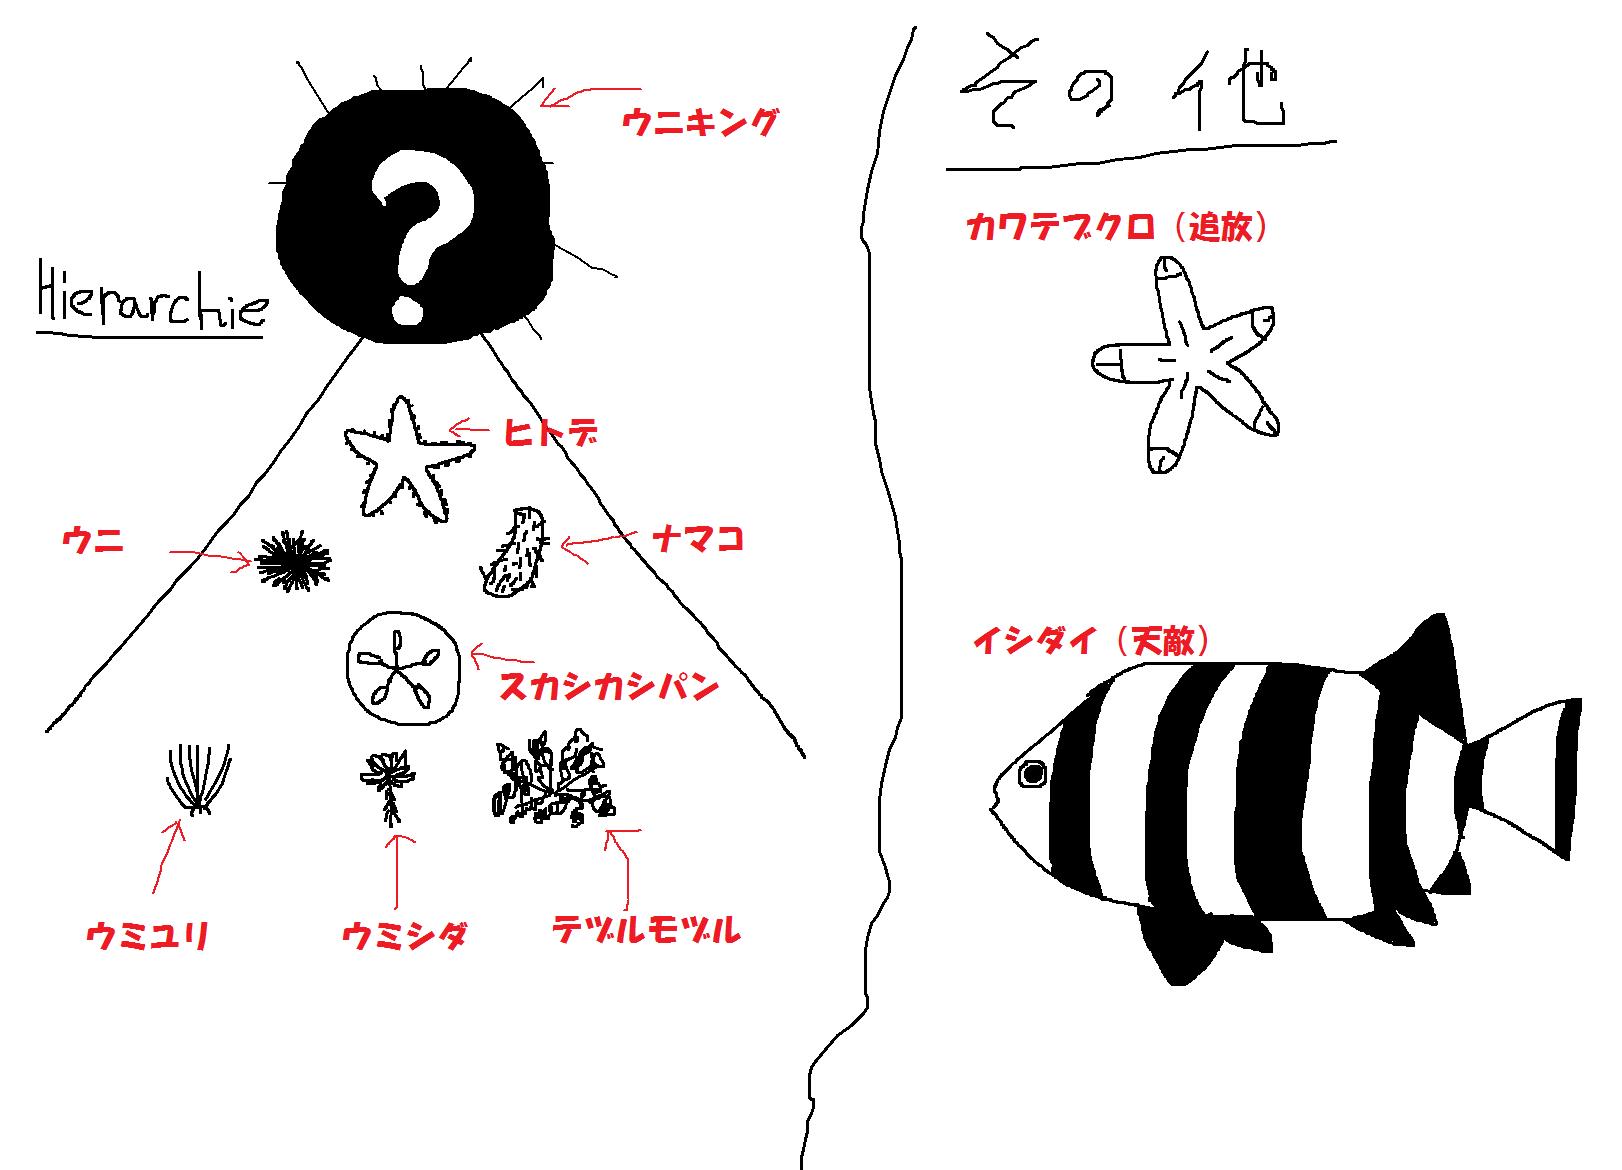 uni_hierarchie.png